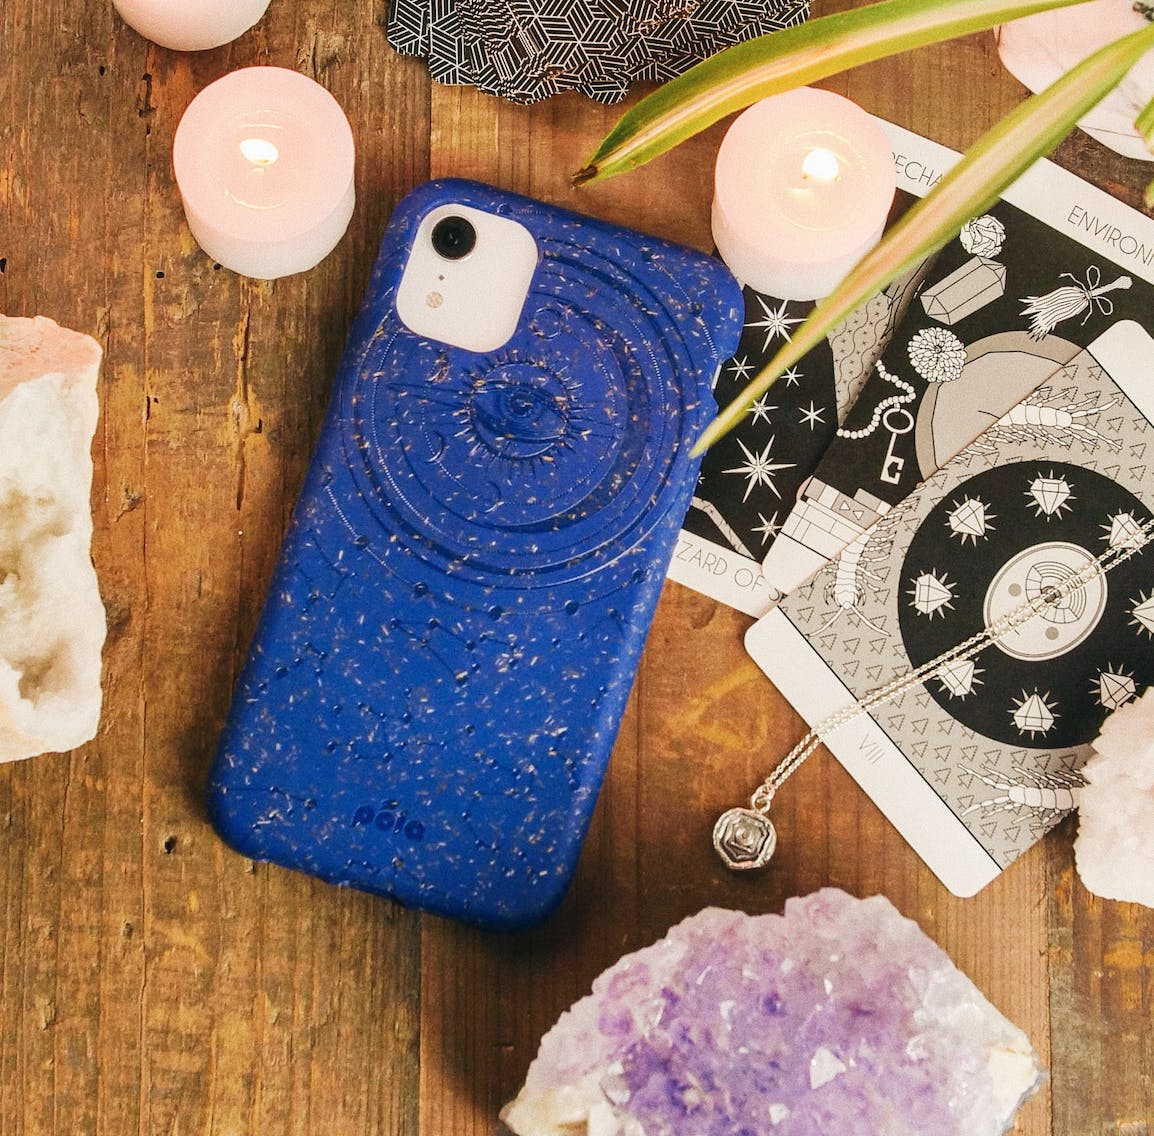 Retrograde biodegradable, eco-friendly Pela phone case